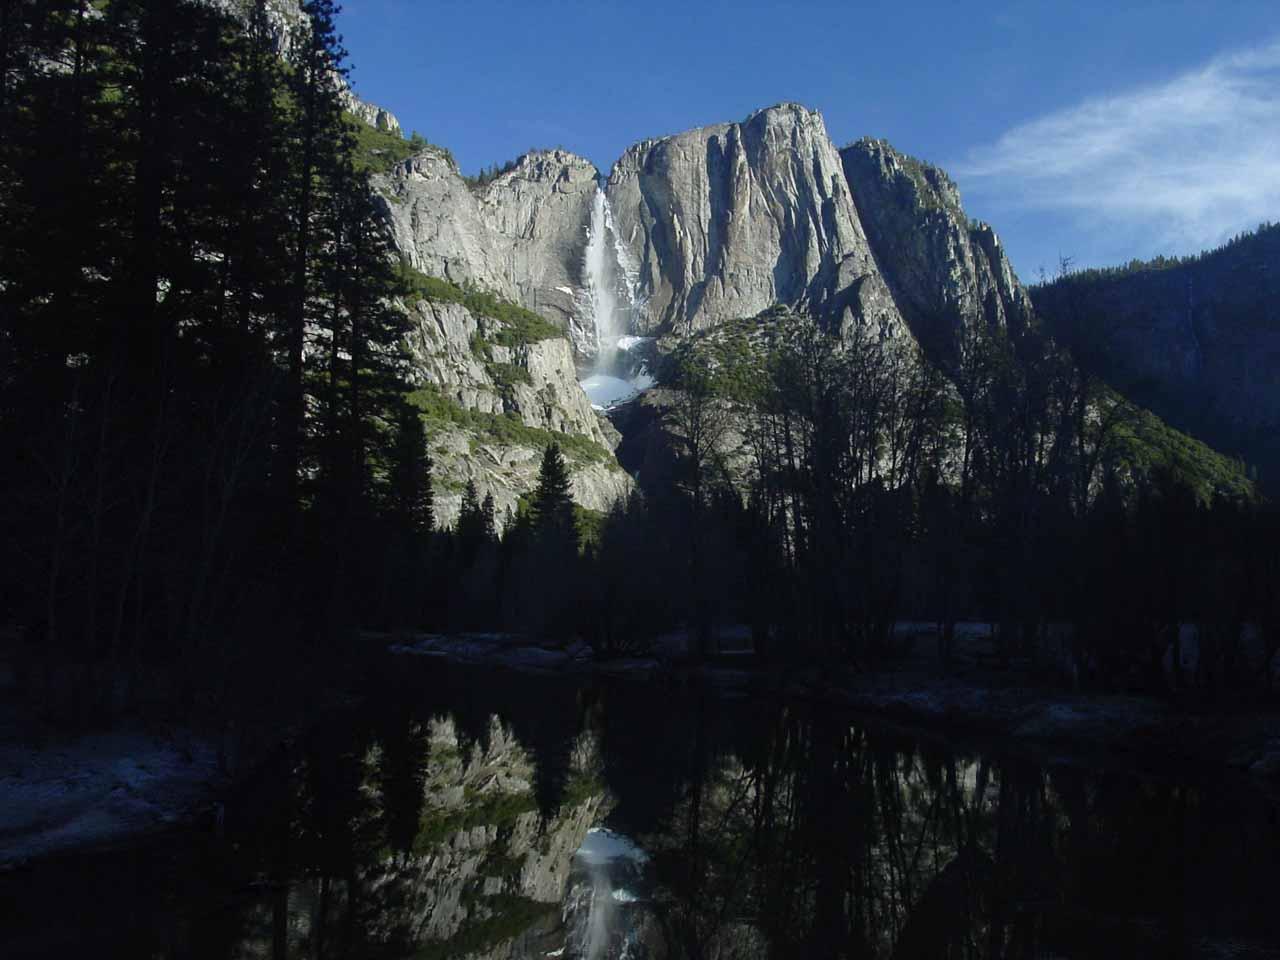 Swinging Bridge view of Yosemite Falls in the Winter